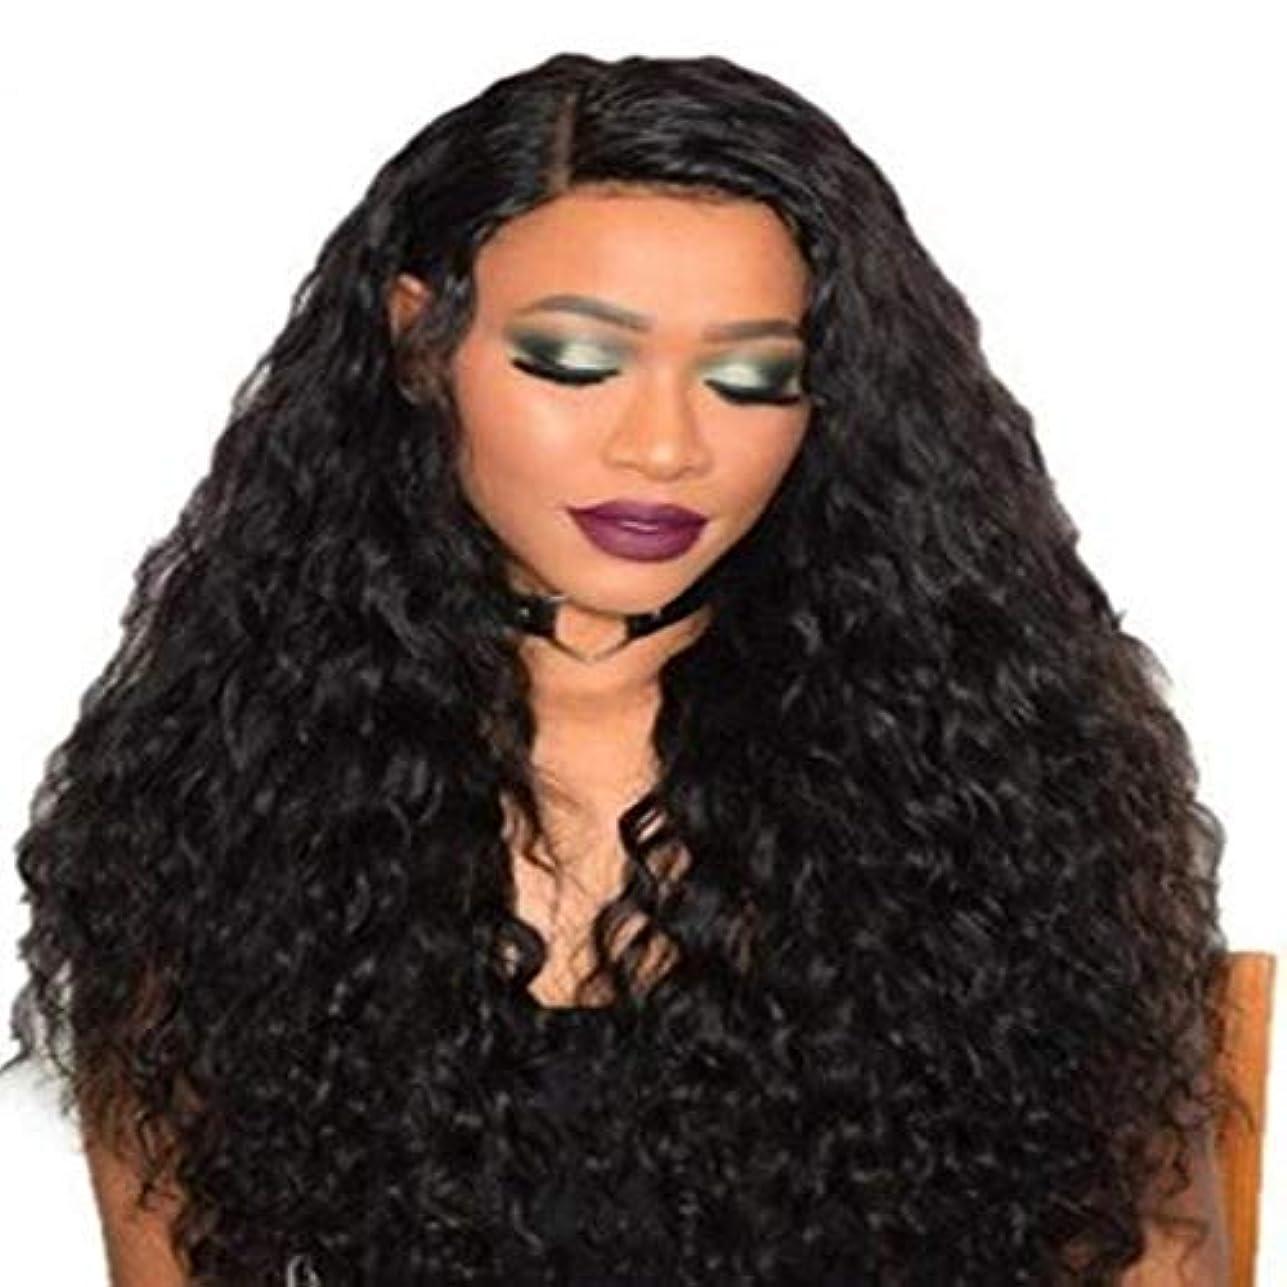 憂鬱な眠っている限界女性の黒いトウモロコシ長い巻き毛のかつら75 cm